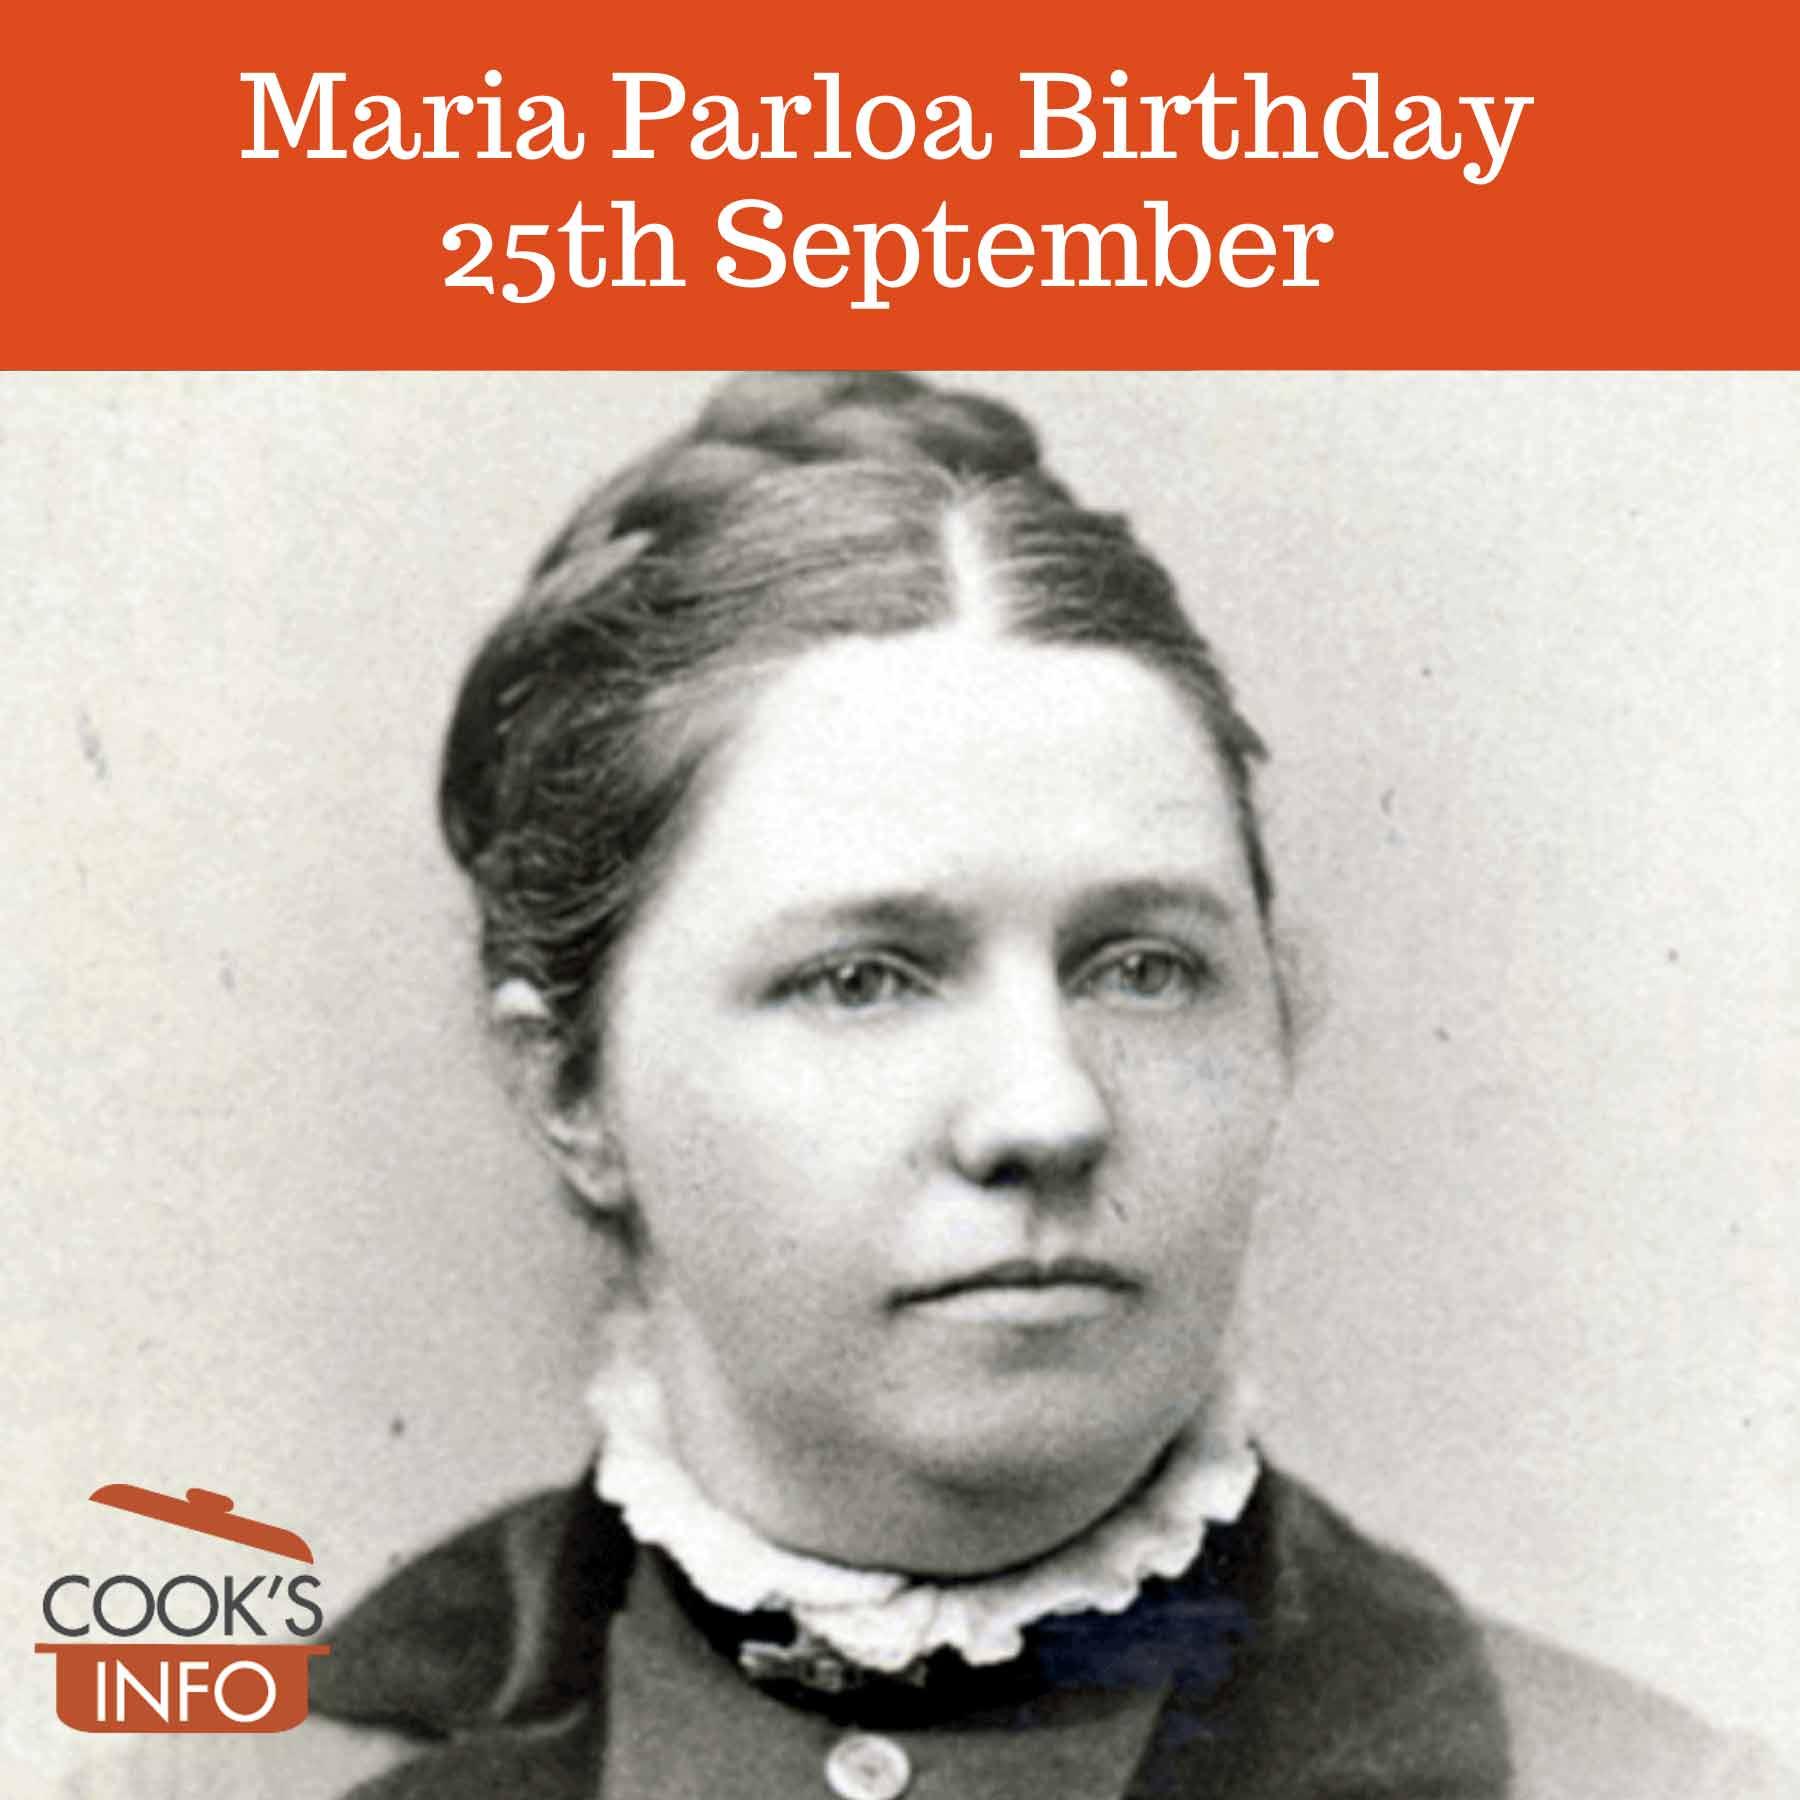 Maria Parloa in 1880